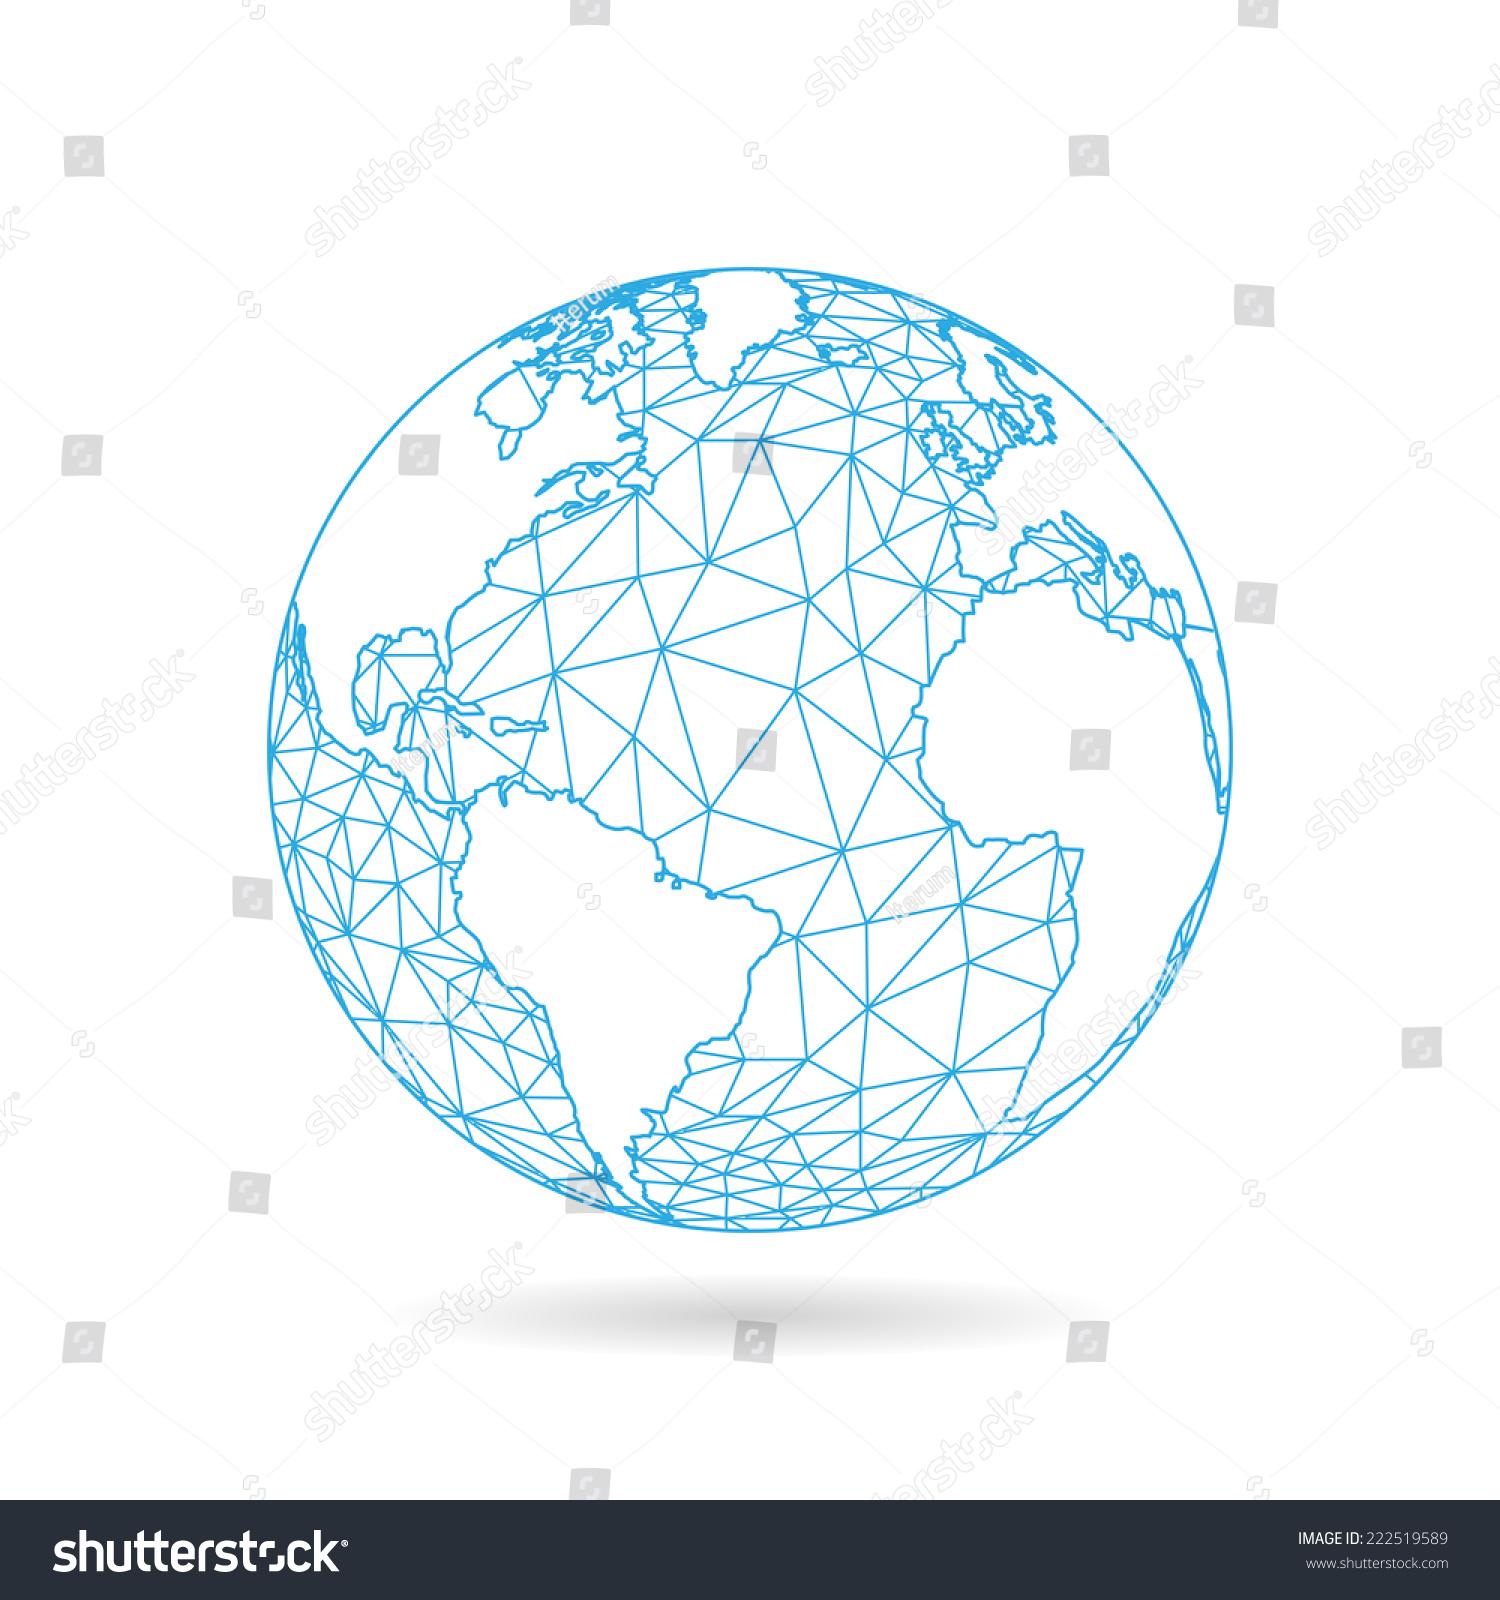 几何抽象地球球体概念图.白光背景下的矢量图形模板